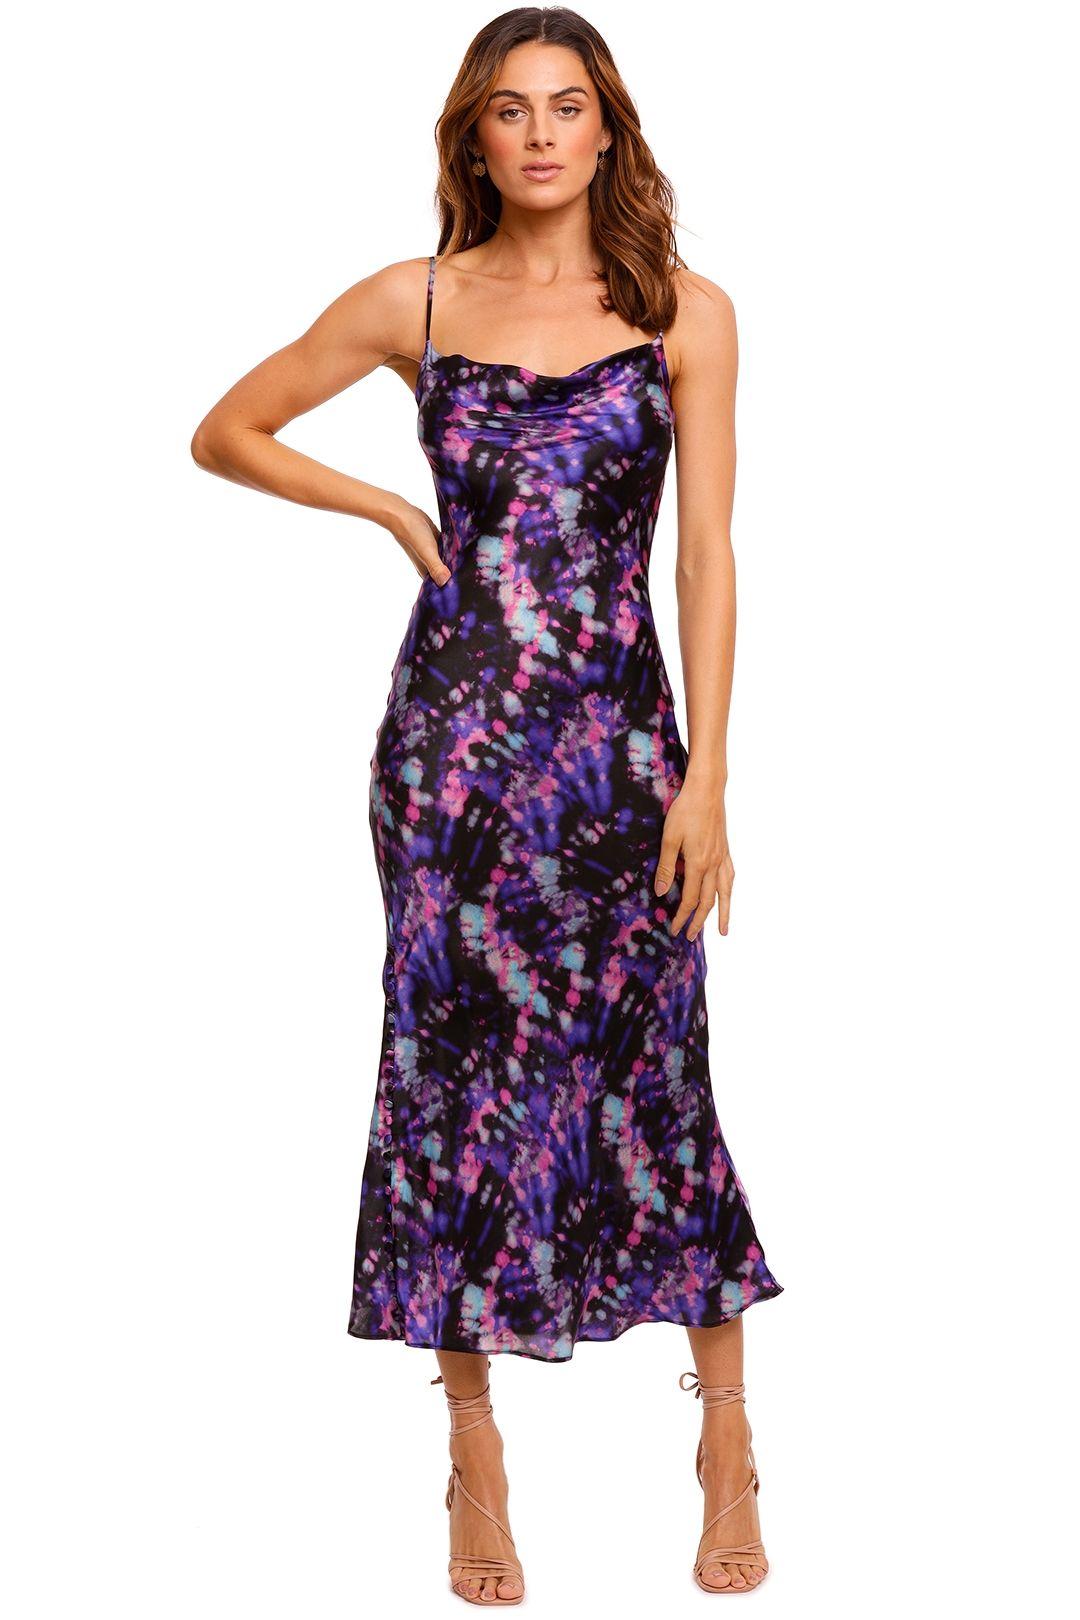 Ganni Lia Purple Tie Dye Slip Dress